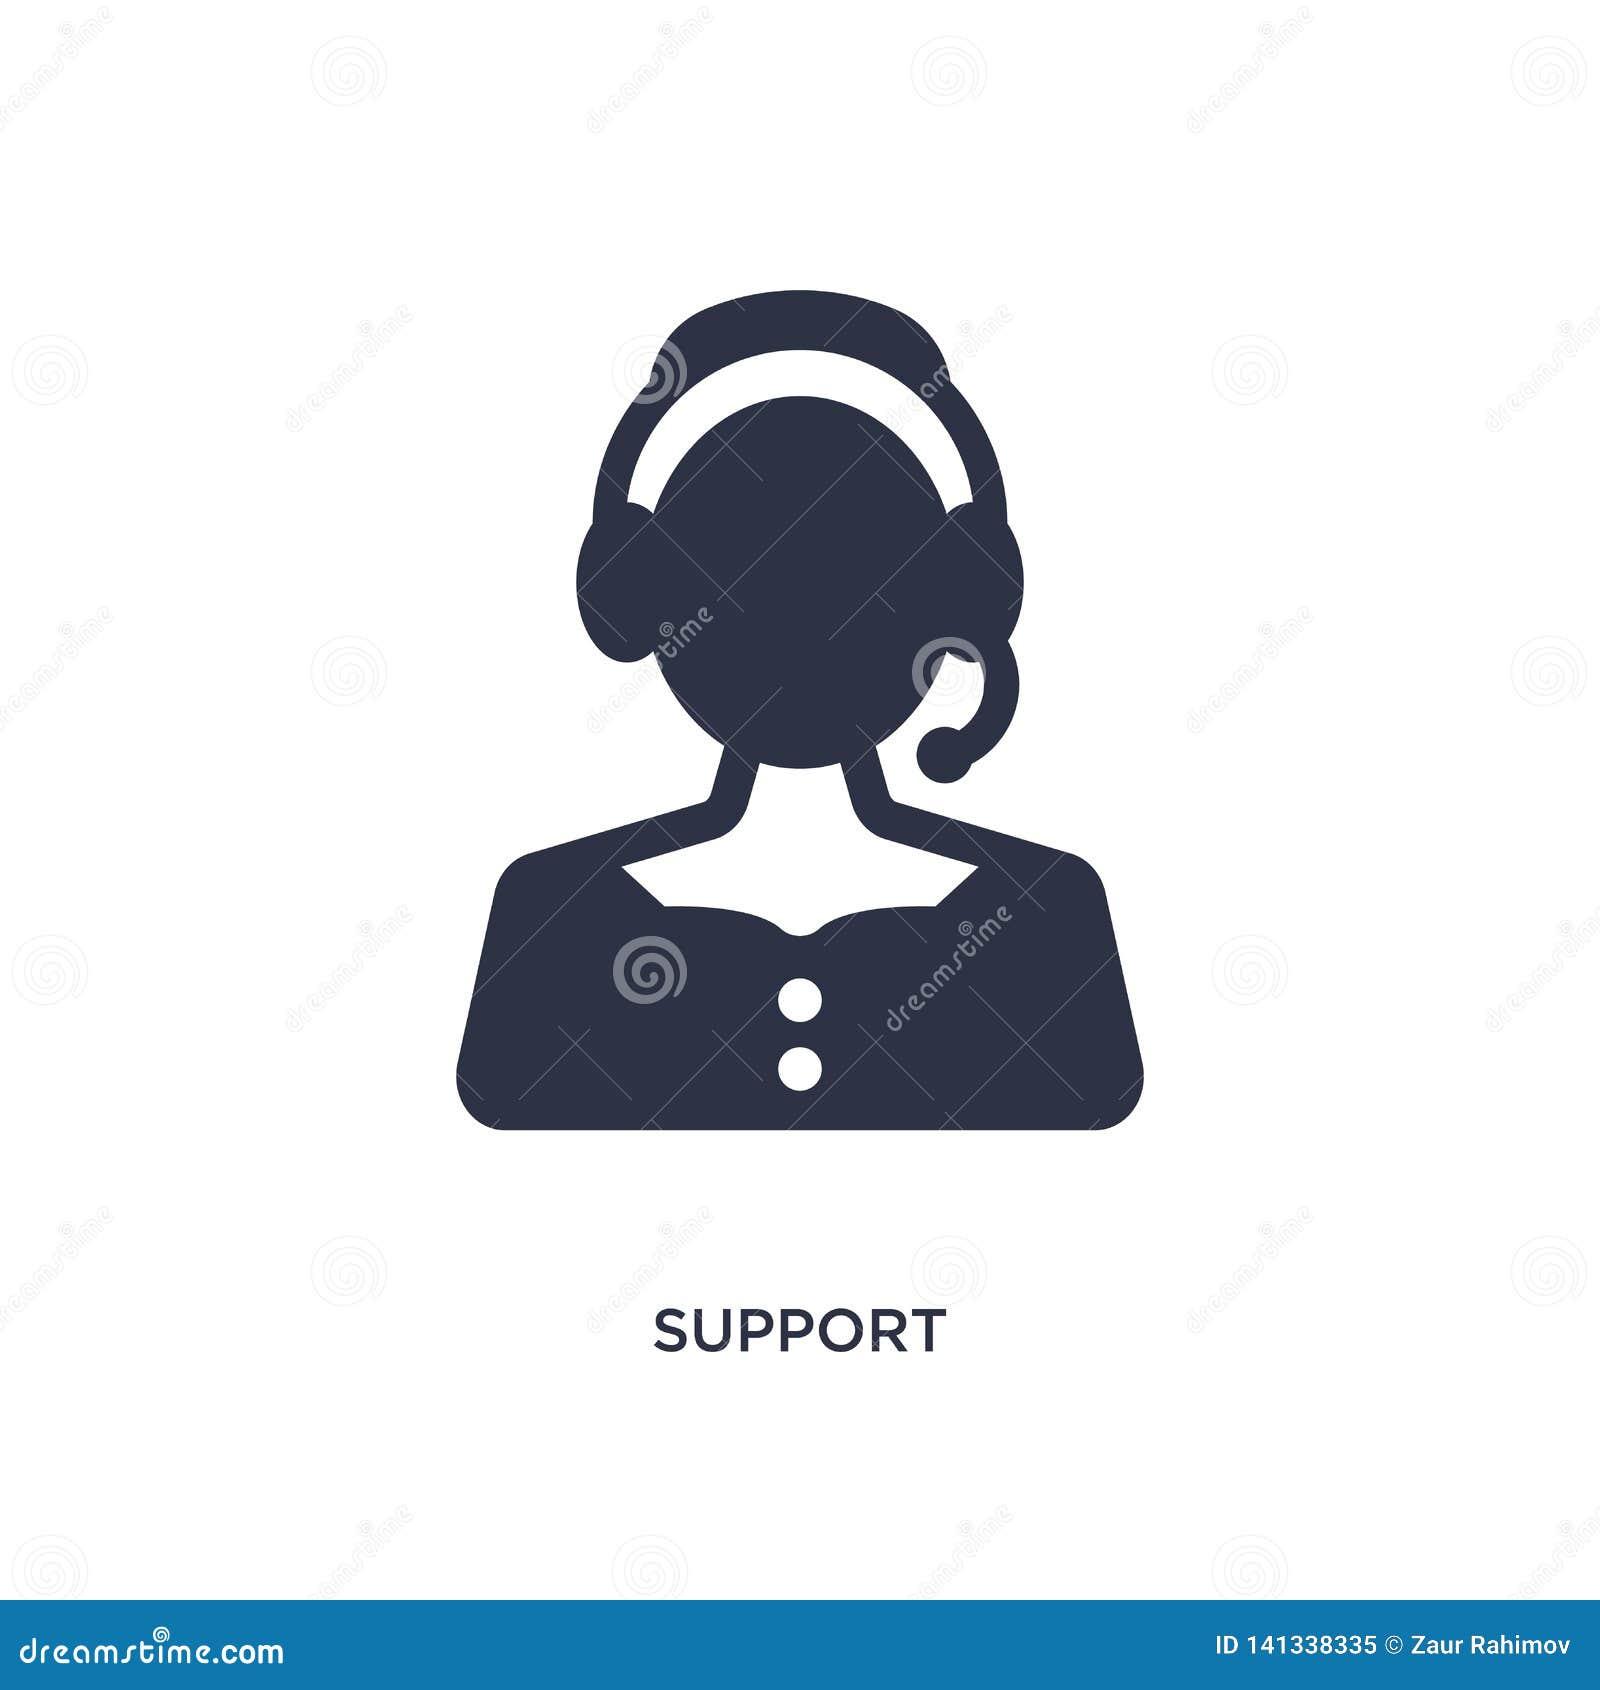 εικονίδιο υποστήριξης στο άσπρο υπόβαθρο Απλή απεικόνιση στοιχείων από την έννοια εξυπηρέτησης πελατών